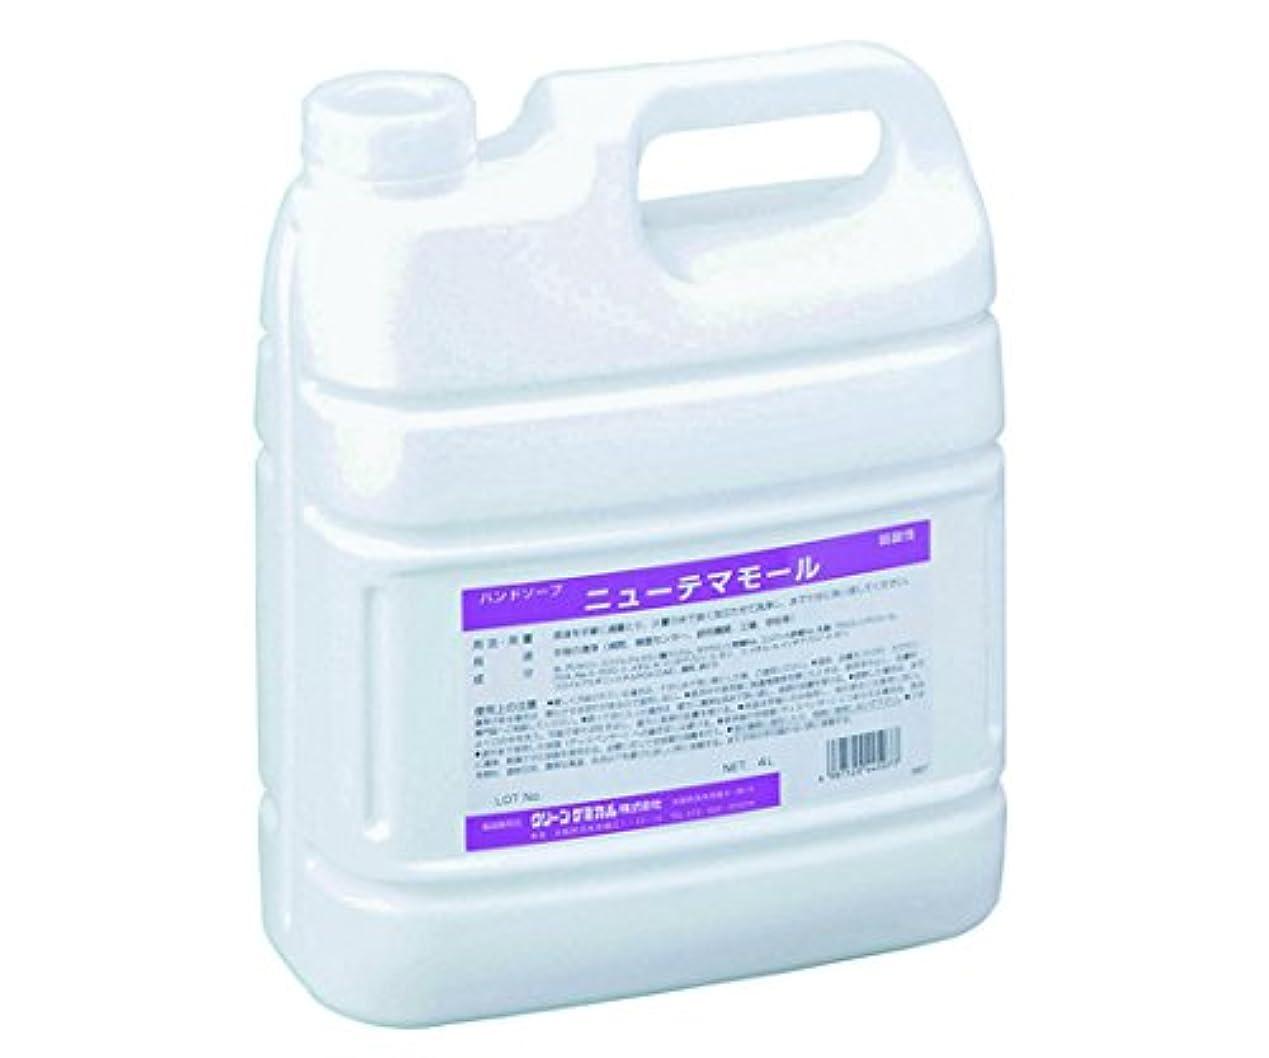 眠いです率直な分解する8-1944-02ハンドソープ減容容器タイプ4L